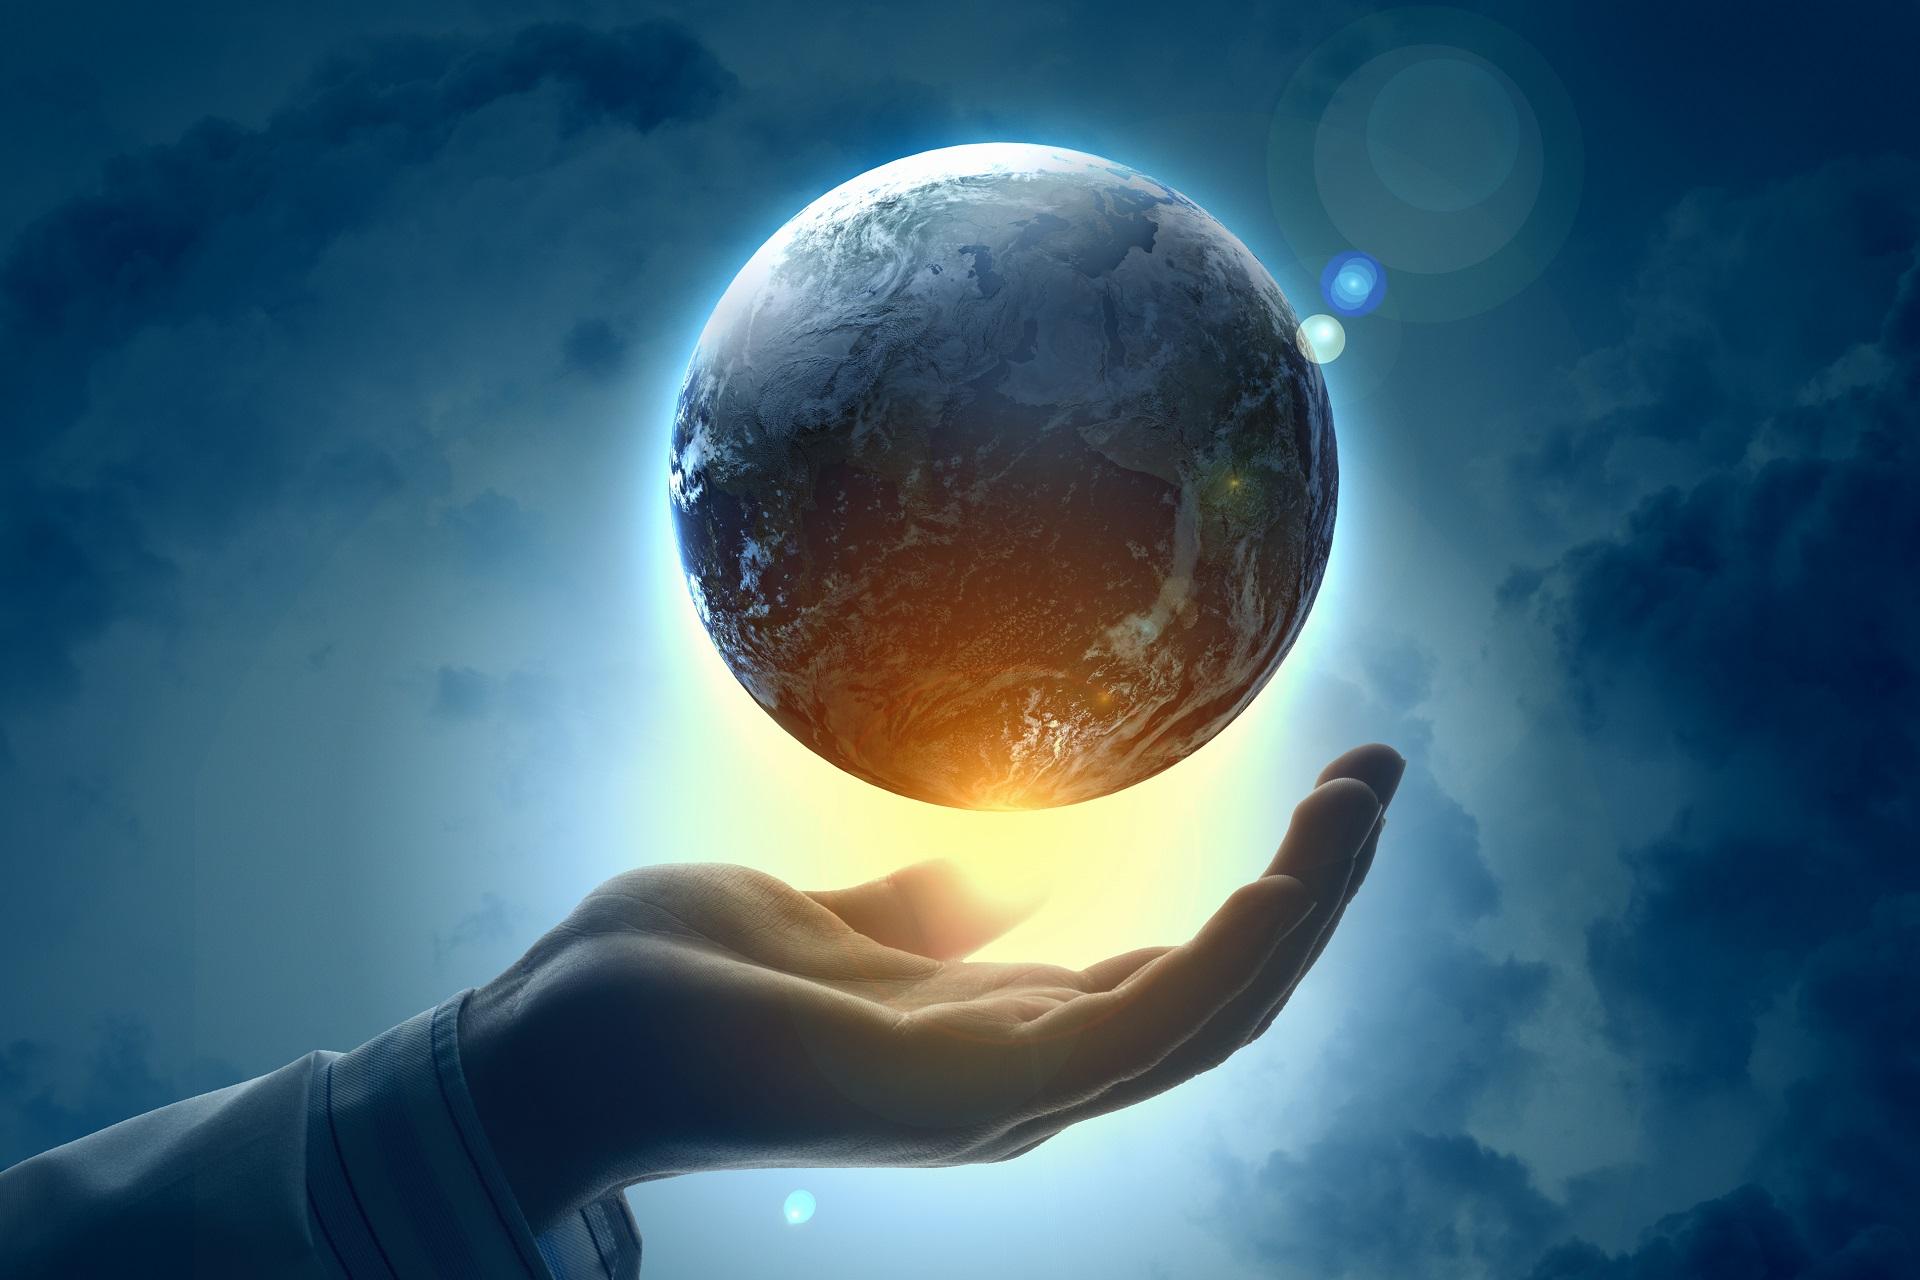 мир созданный богом картинки нашу страну придет